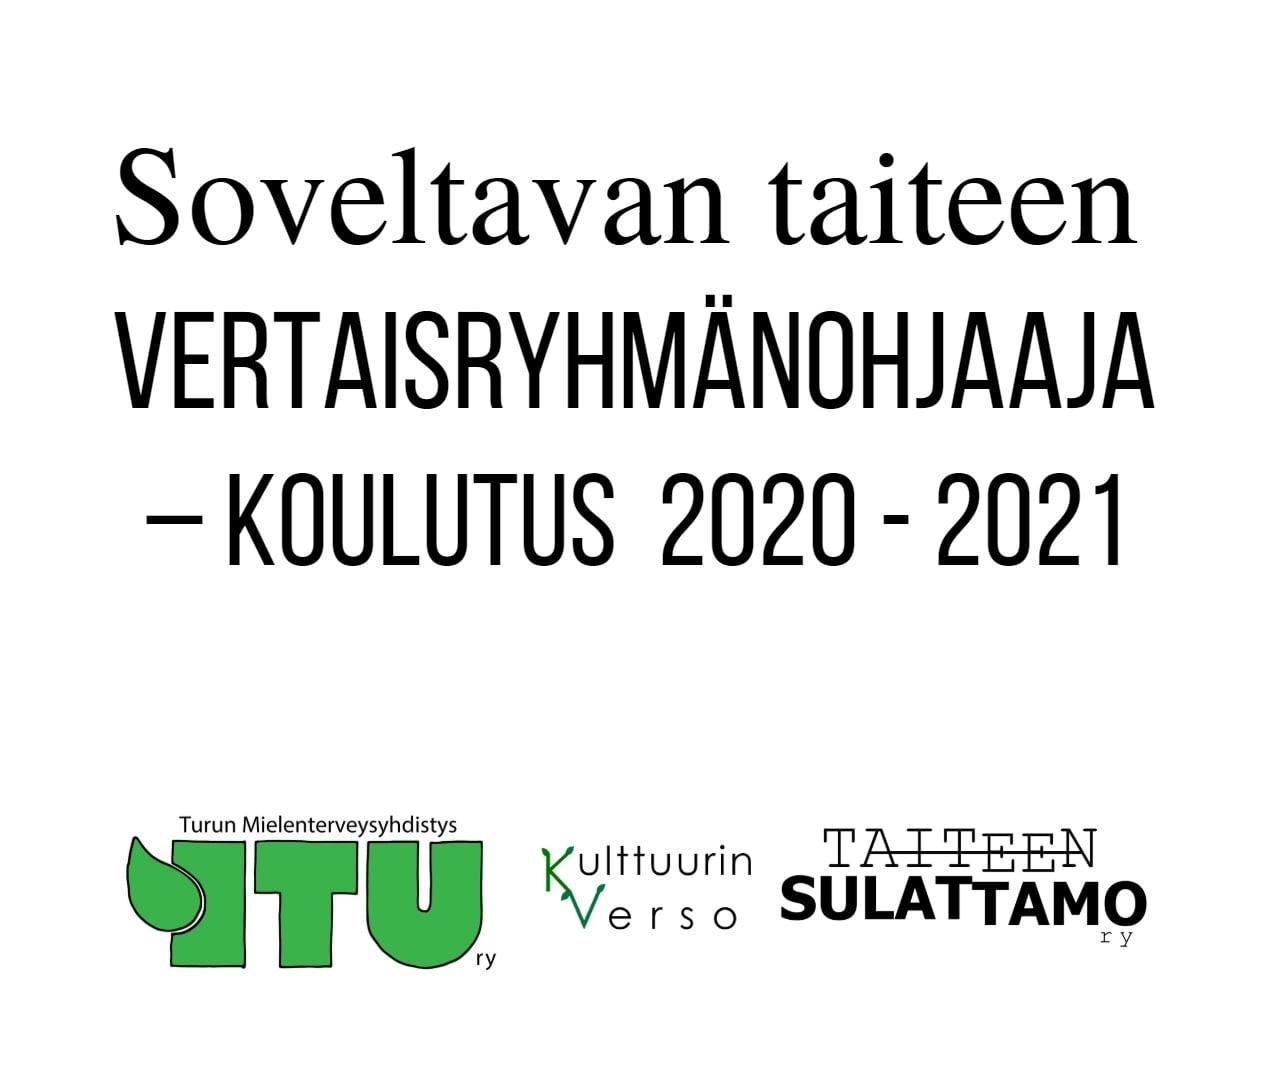 Soveltavan taiteen vertaisryhmäohjaaja-koulutus 2020-2021